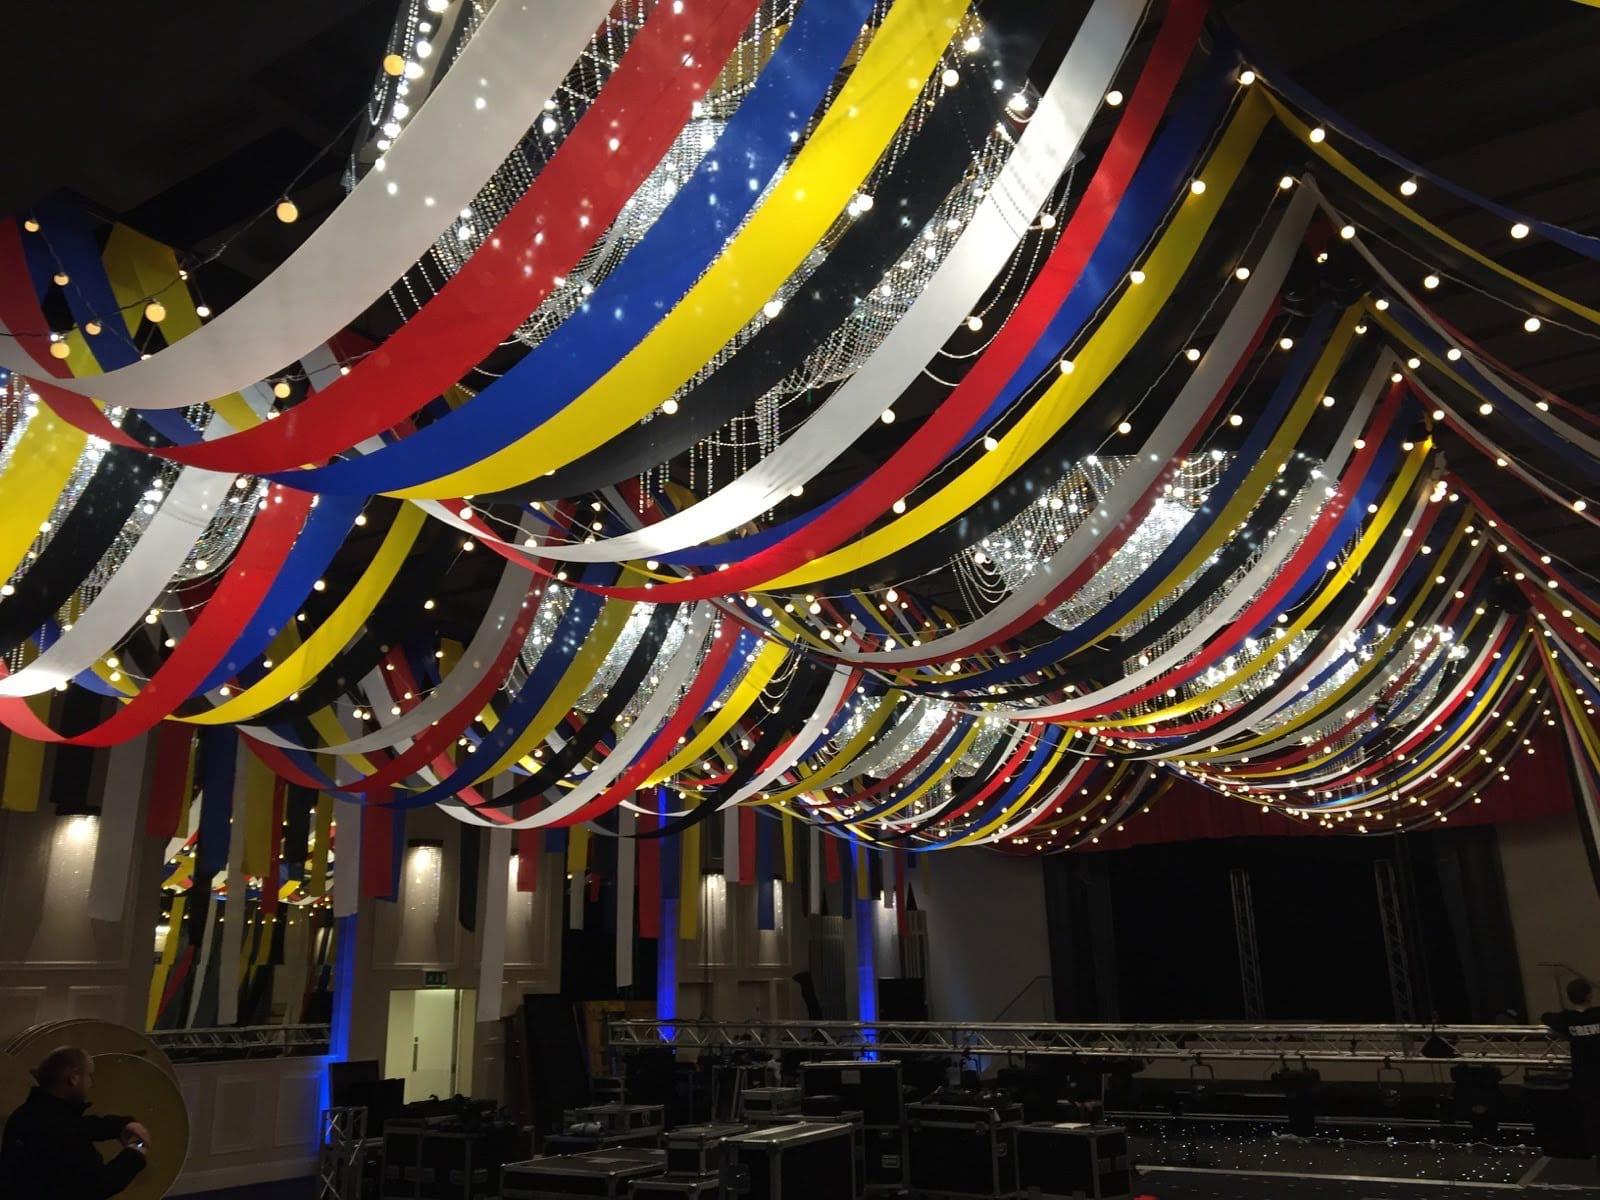 Festival theme streamer ceiling installation